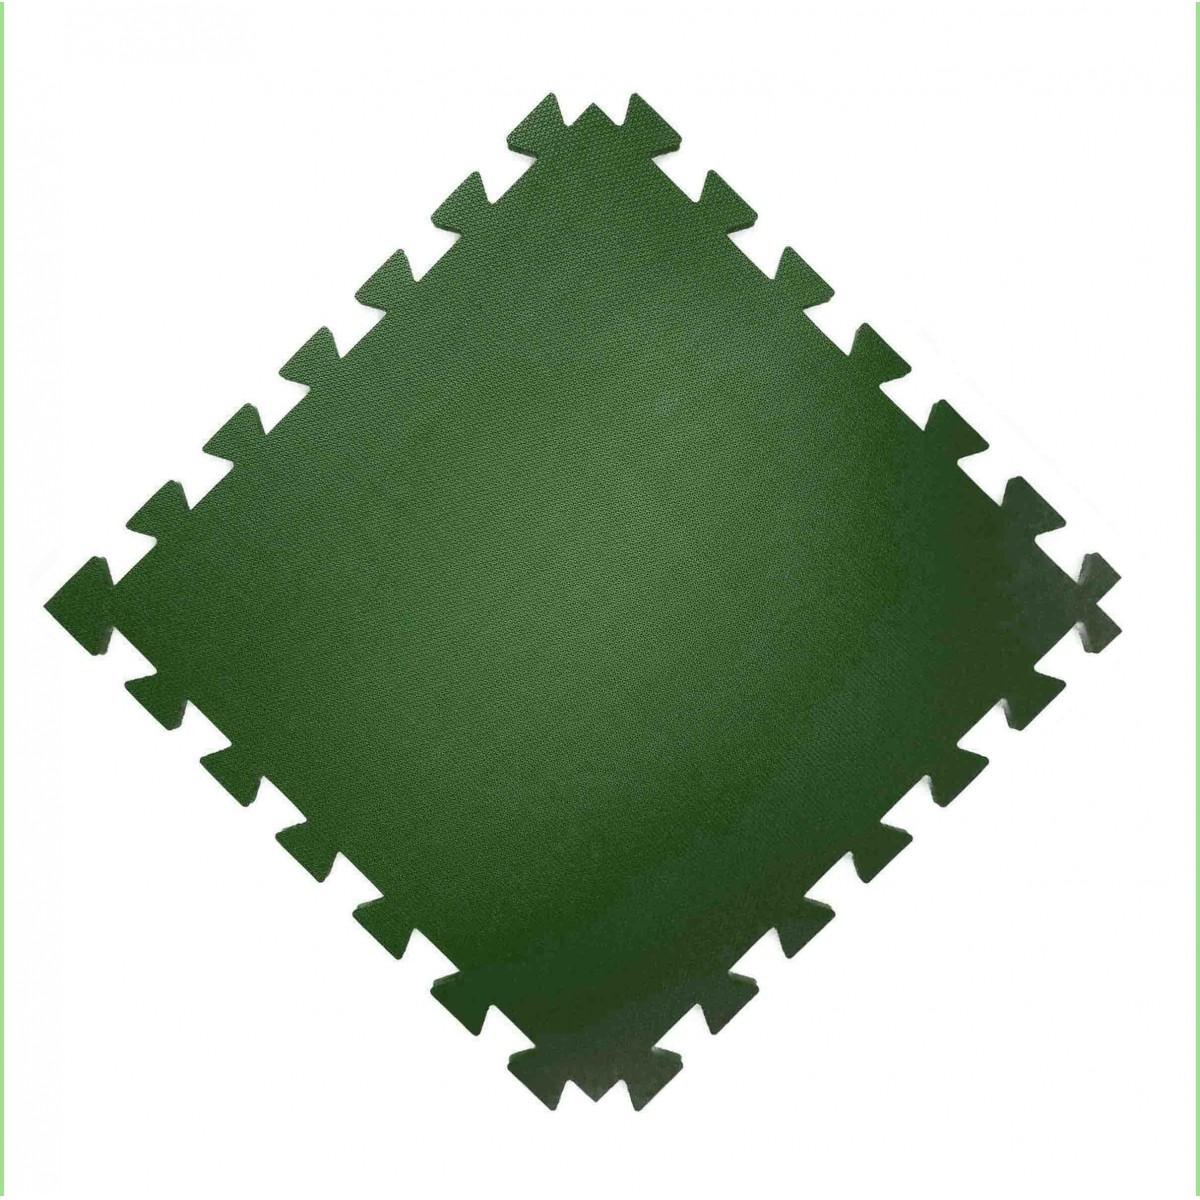 Tatame  100x100cm Com 10mm de Espessura  Verde Escuro  -